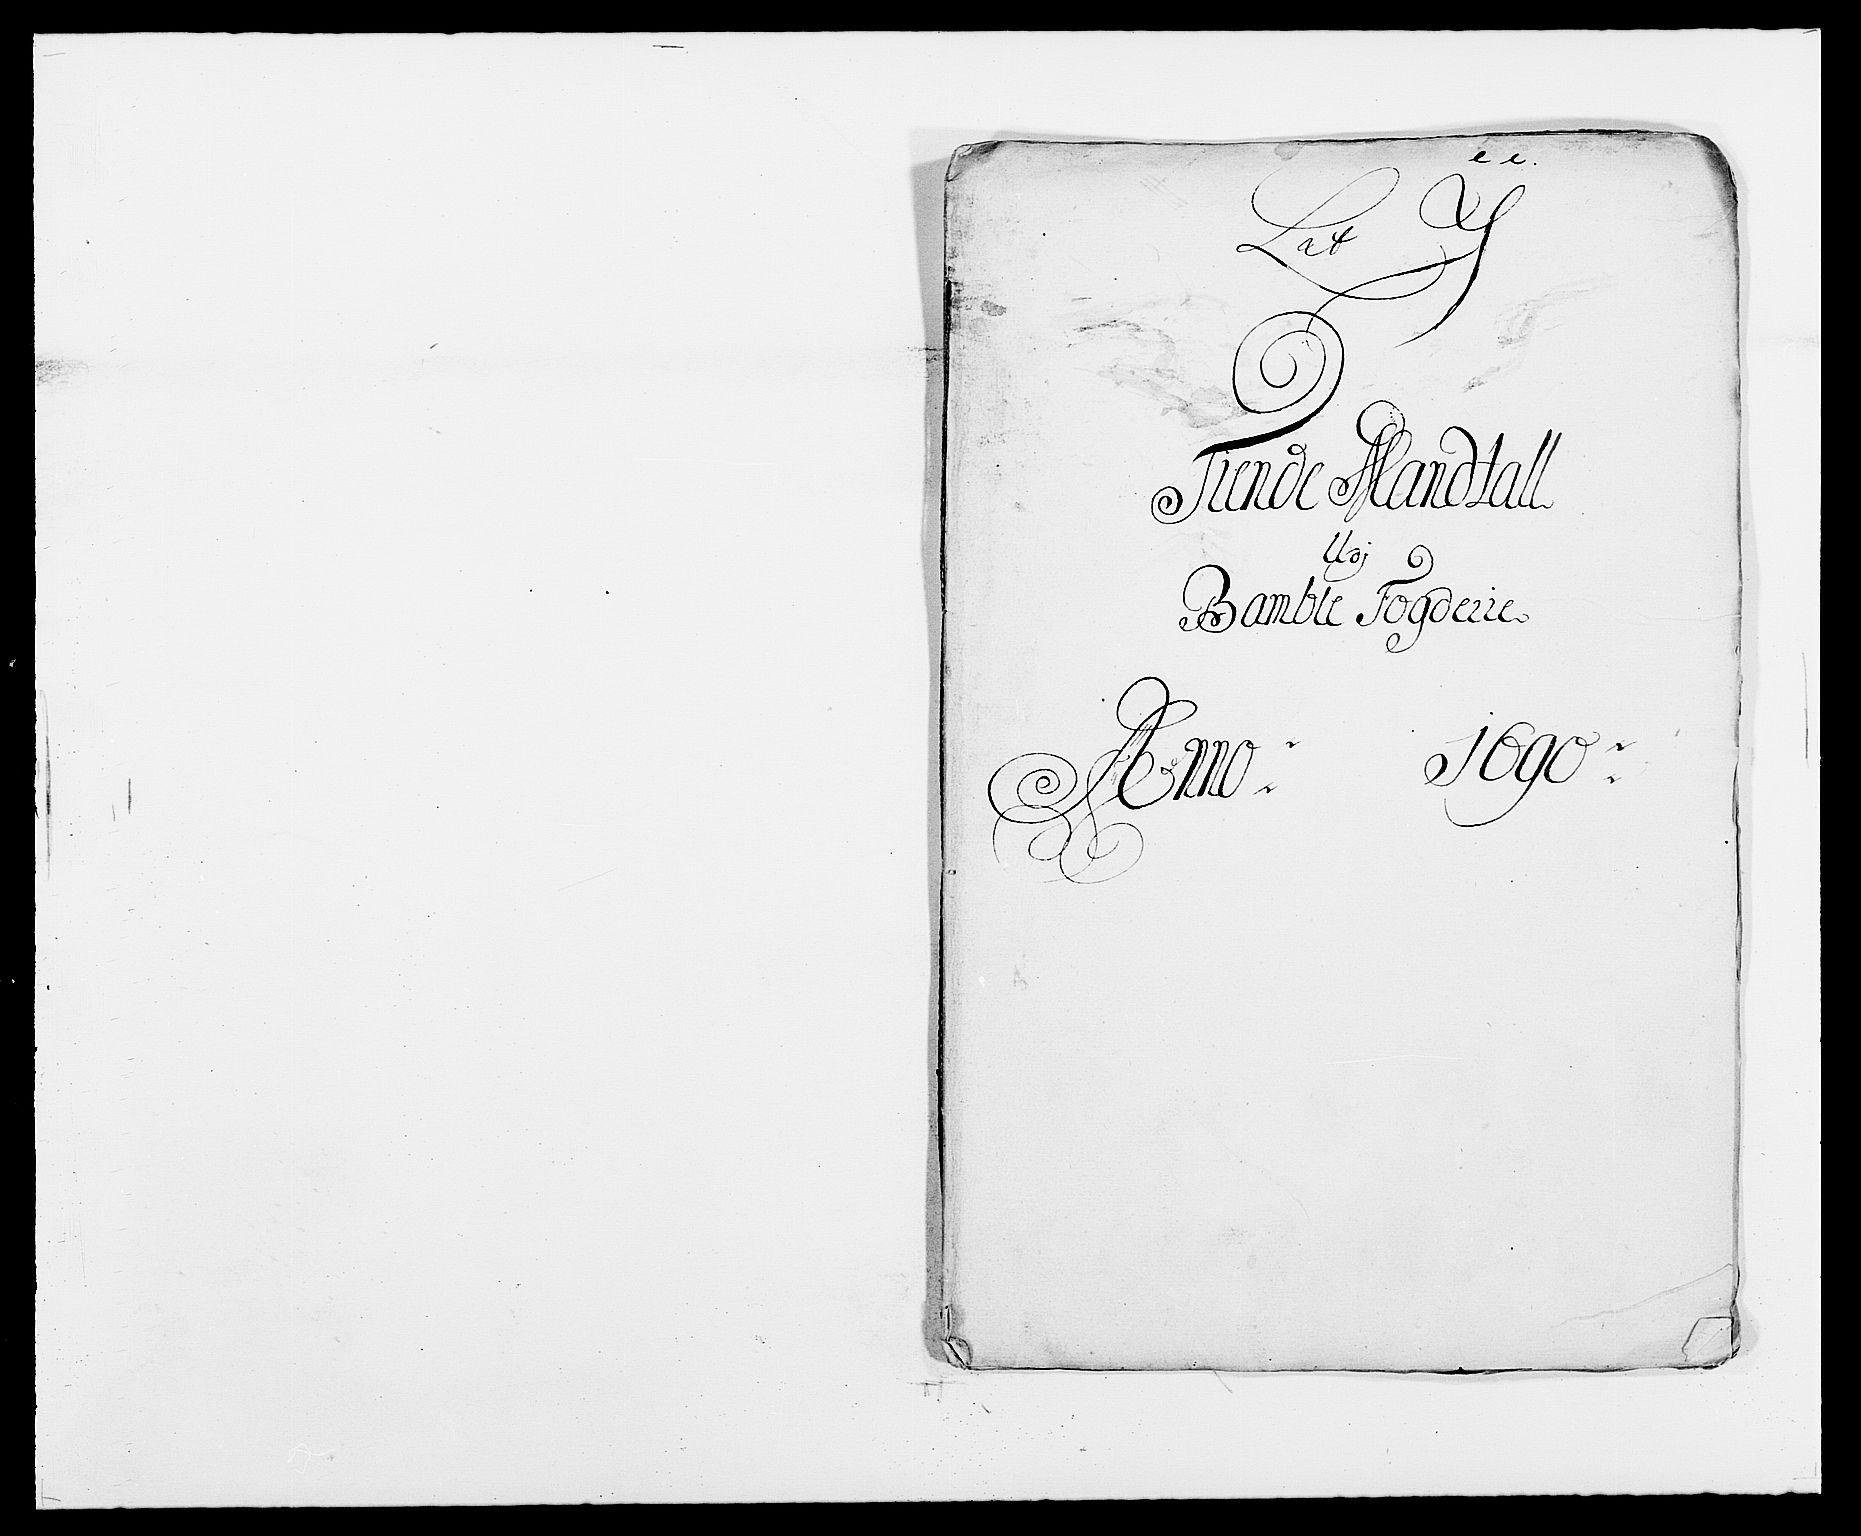 RA, Rentekammeret inntil 1814, Reviderte regnskaper, Fogderegnskap, R34/L2051: Fogderegnskap Bamble, 1688-1691, s. 24